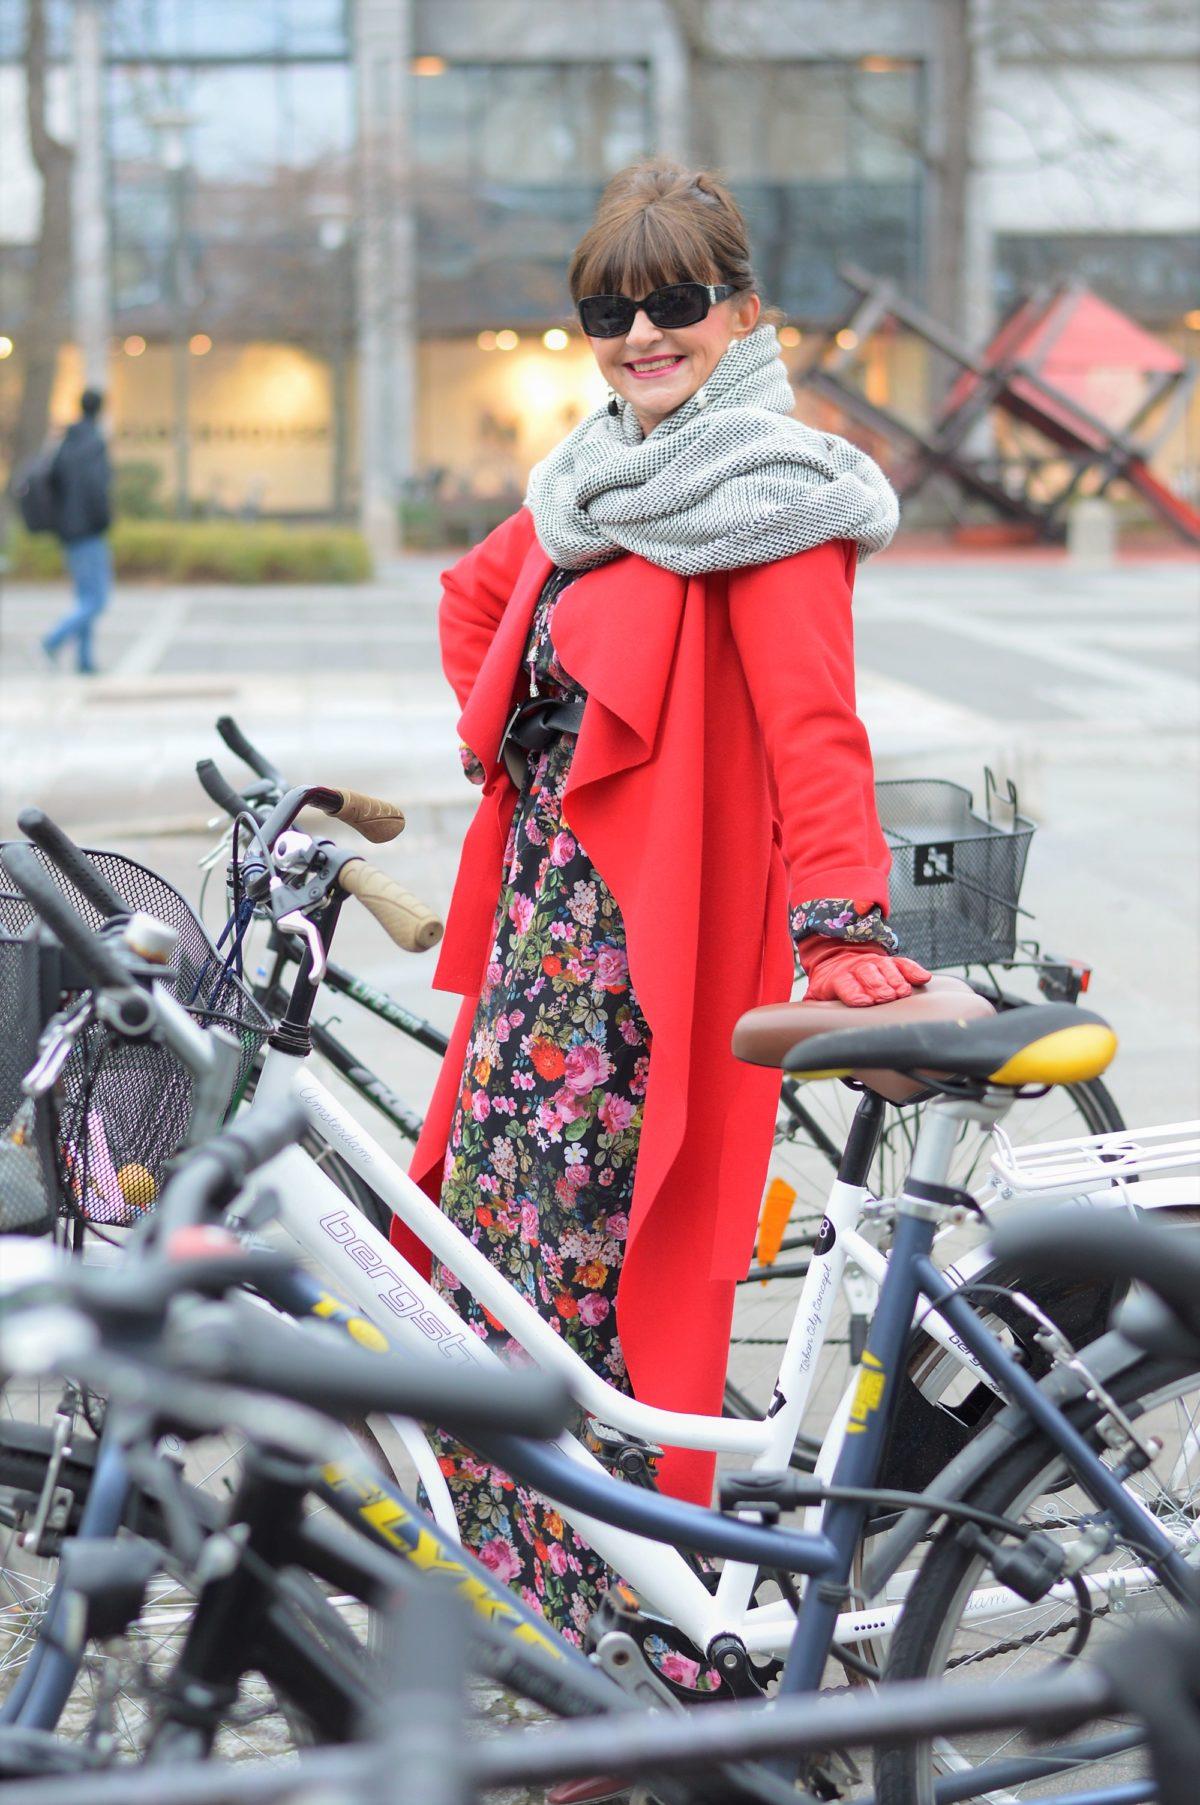 Maxikleid, Fahrrad, Erlangen